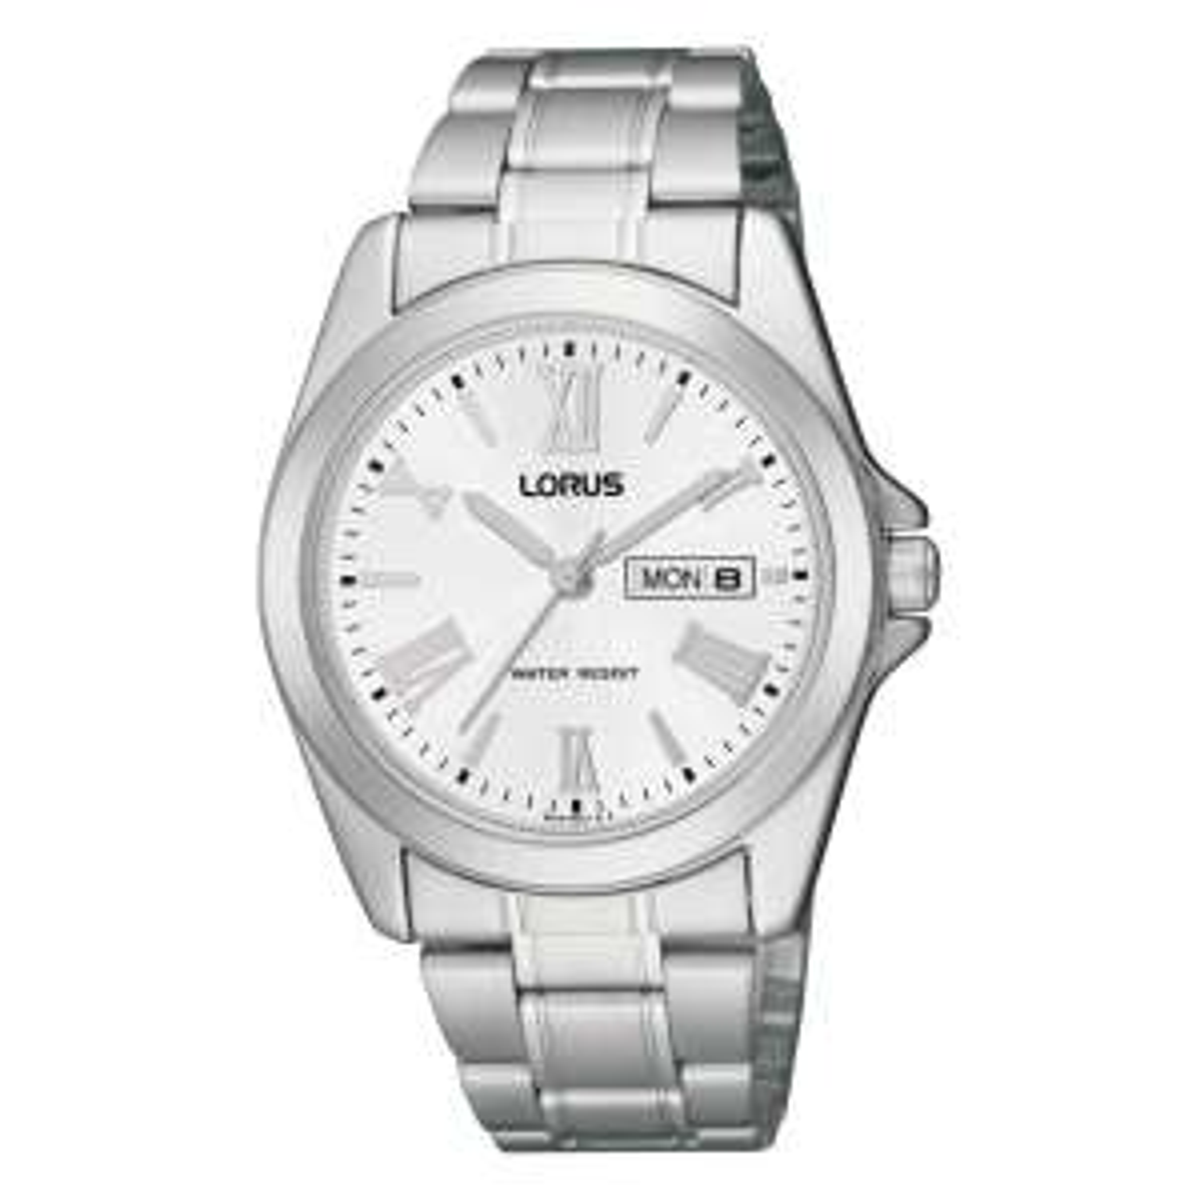 Zegarek Lorus RJ639AX9-WATCHES2U, klasyczny na bransolecie z datownikiem za 92 zł!